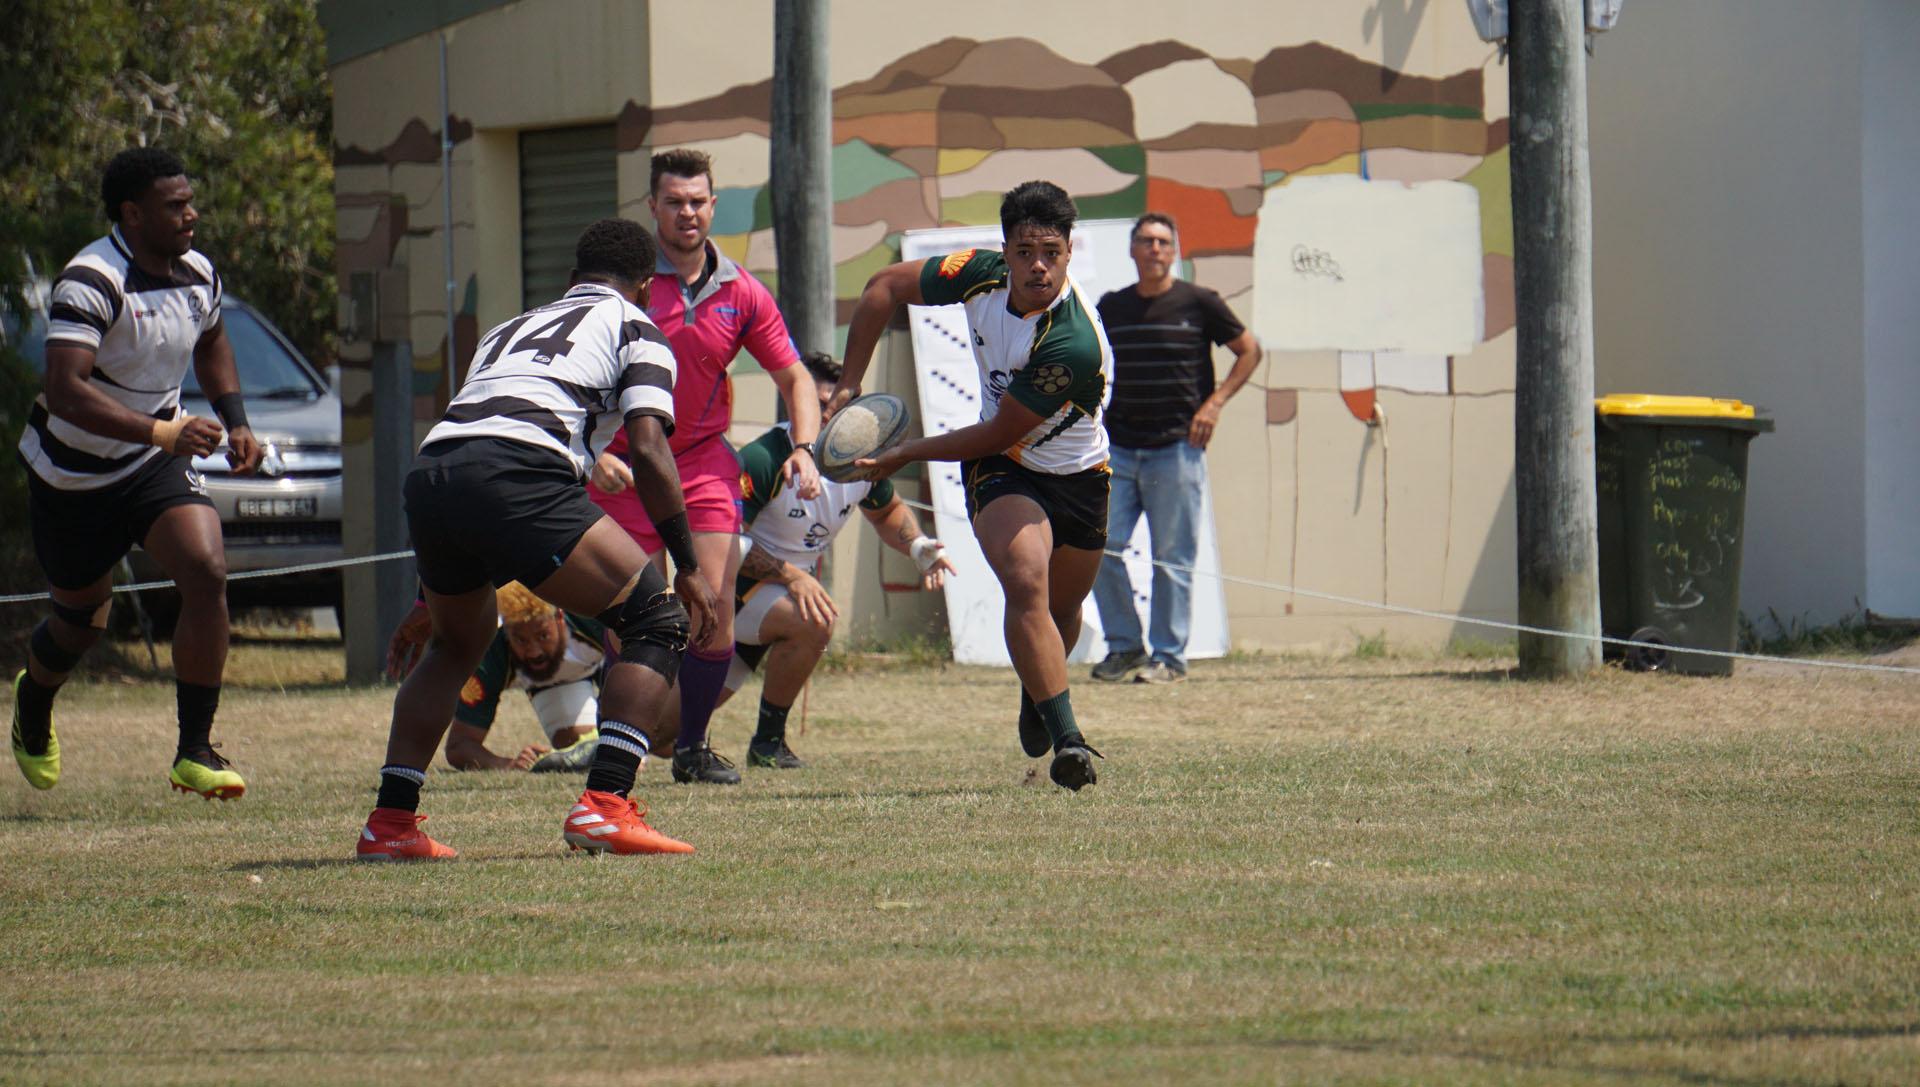 191019-20_Byron Bay Rugby 7s 2019_145